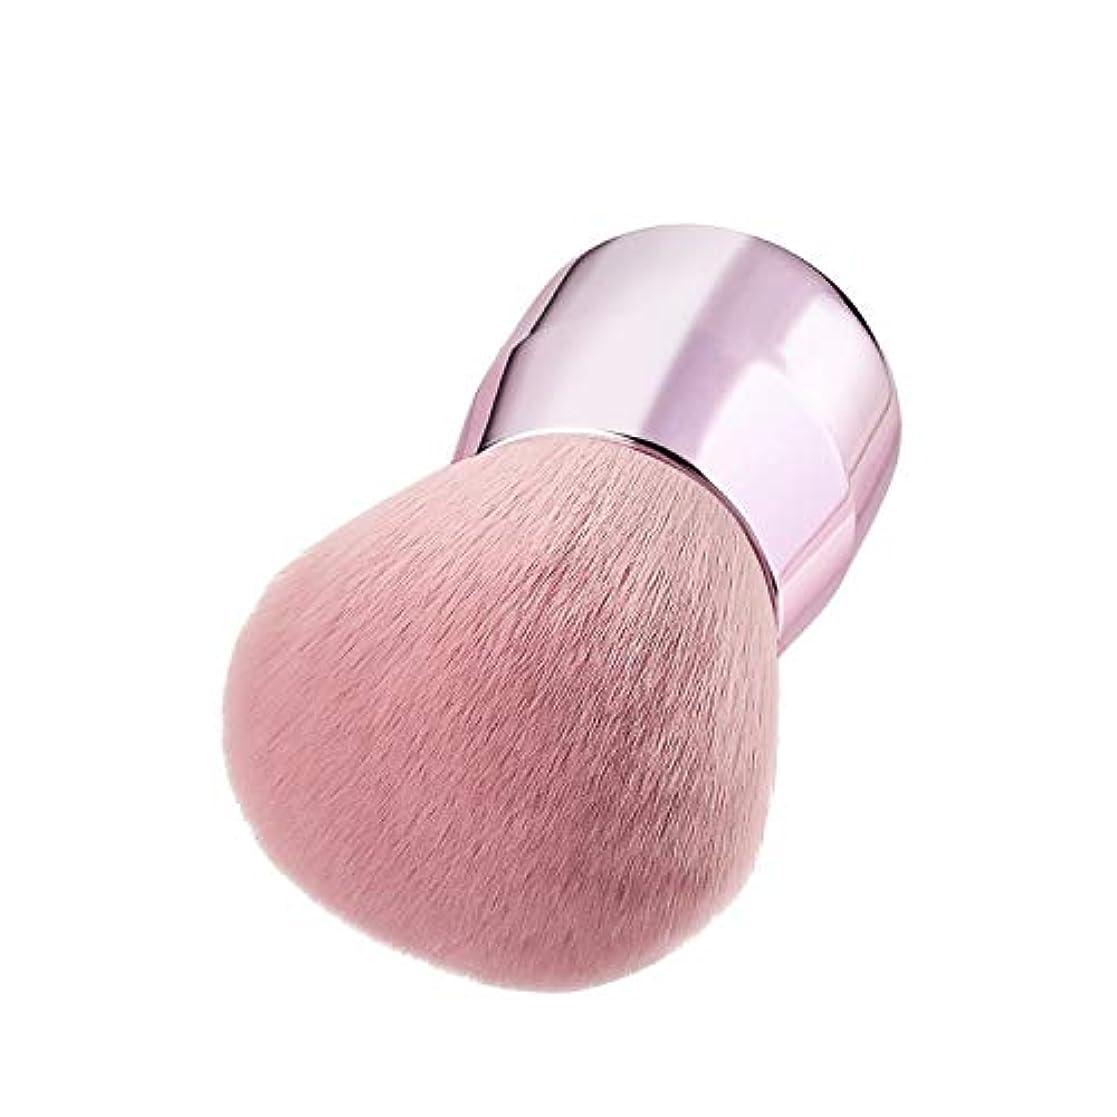 ナインへレトルト農業Makeup brushes きのこの頭の自由な粉のブラシの携帯用宣言的な構造のブラシ蜂蜜の粉の構造の粉のブラシのブラシ1つ suits (Color : Rose Gold)